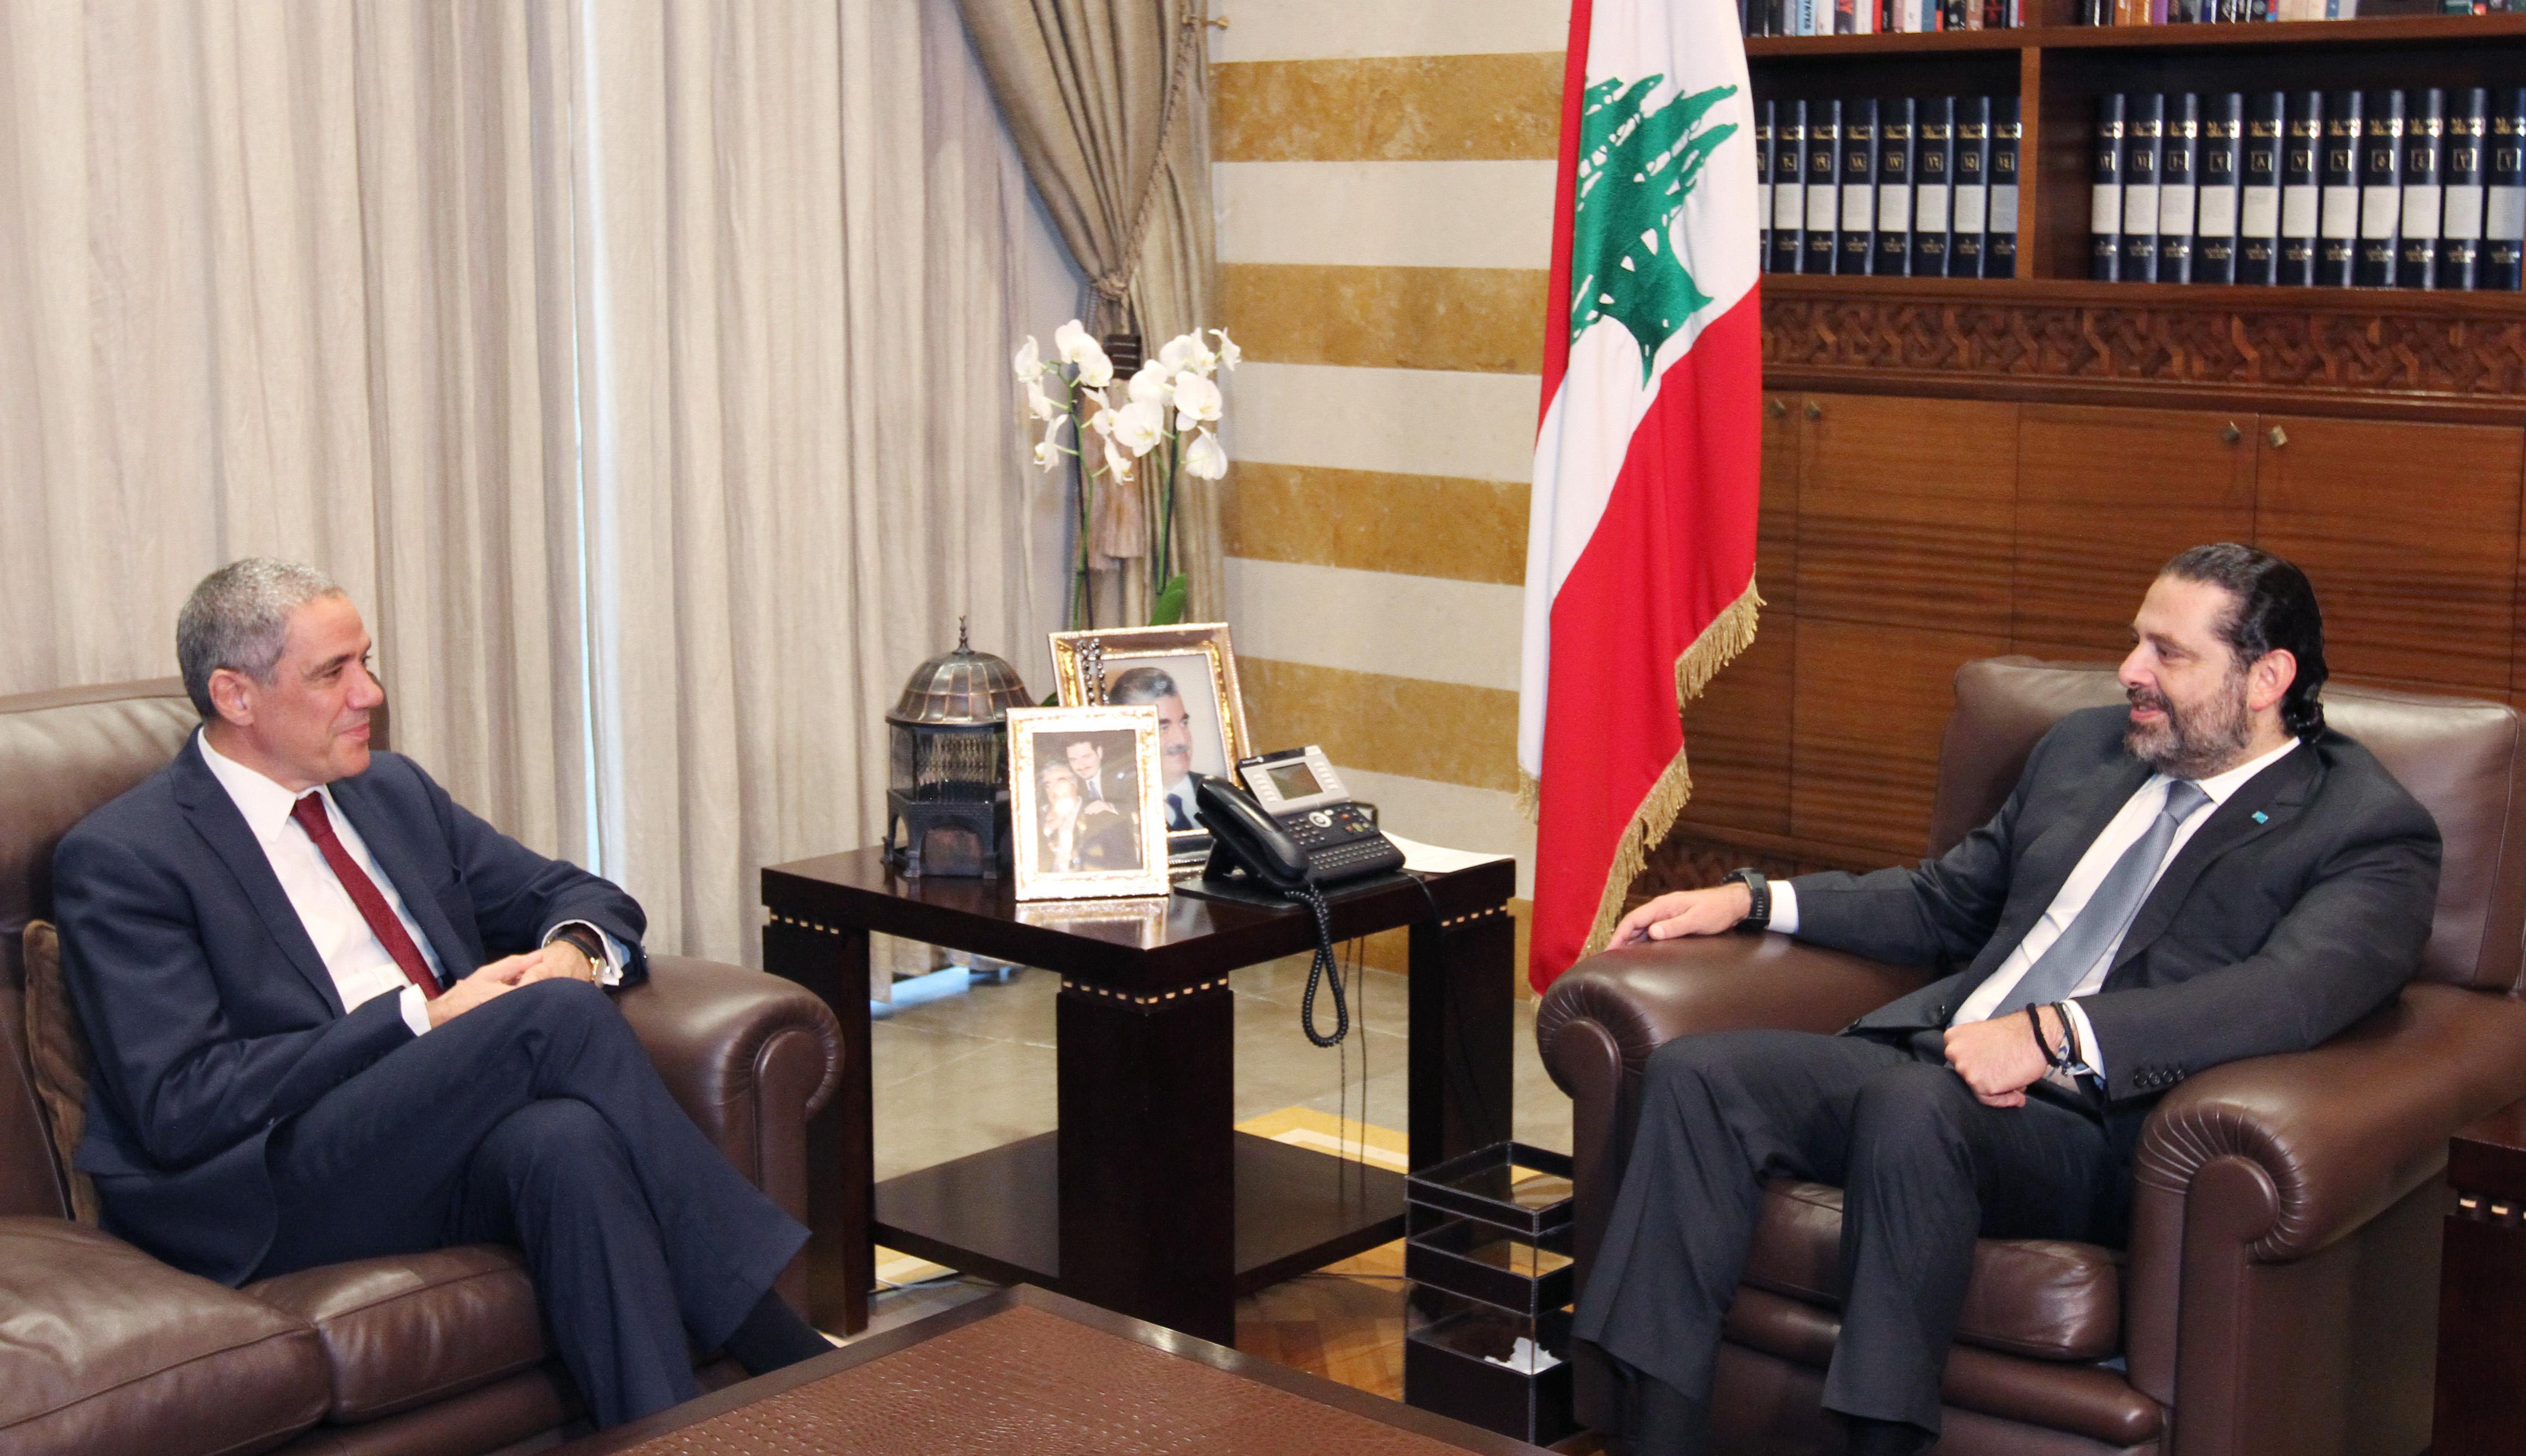 Pr Minister Saad Hariri meets European Ambassador 1